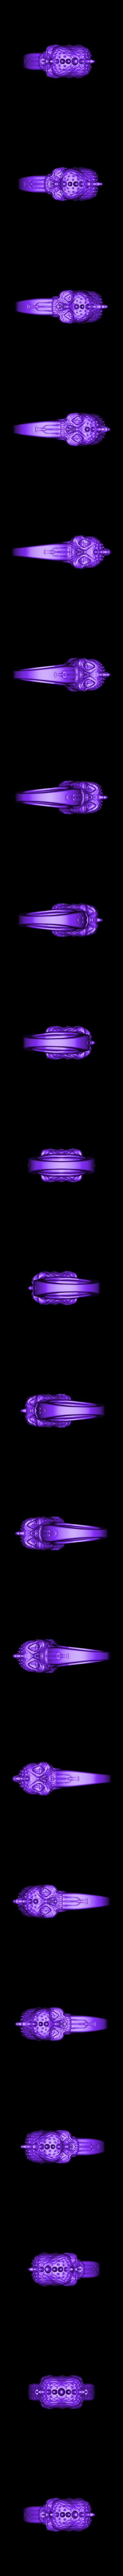 punk Rings.stl Download STL file Punk rings • 3D printable template, MWopus